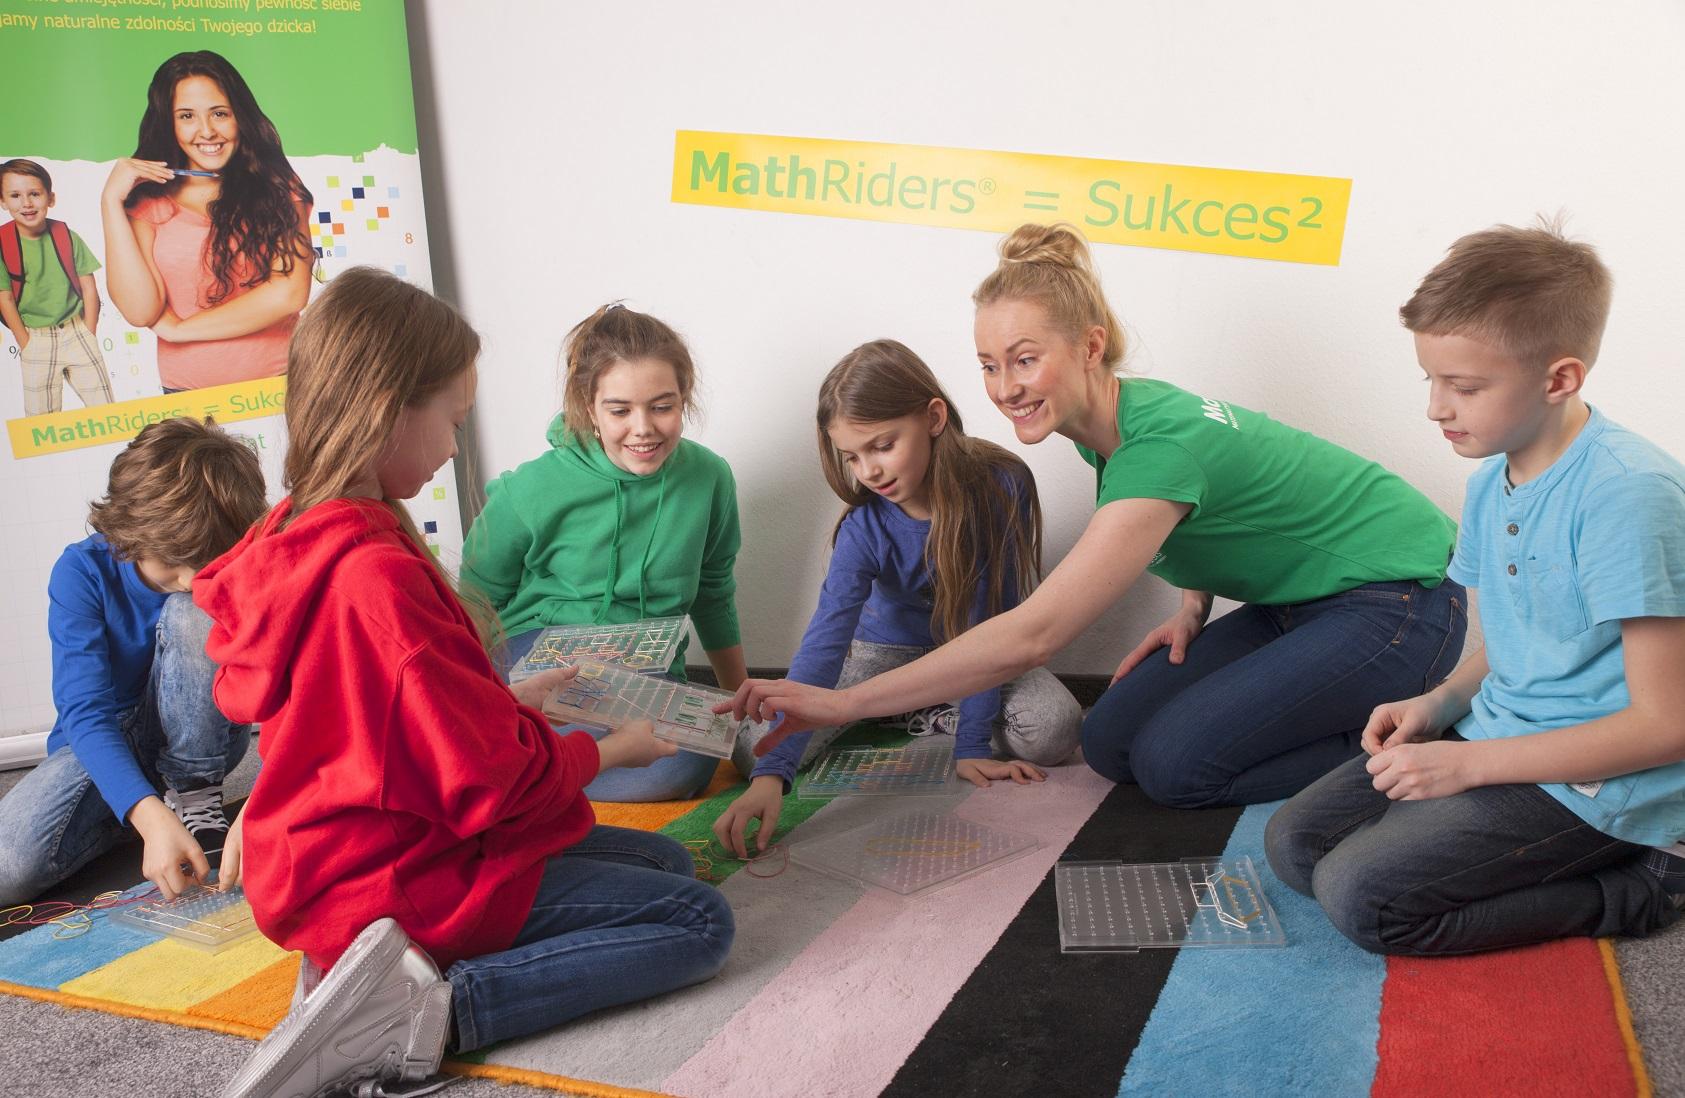 Powrót do szkoły – jak zachęcić dziecko do nauki matematyki?